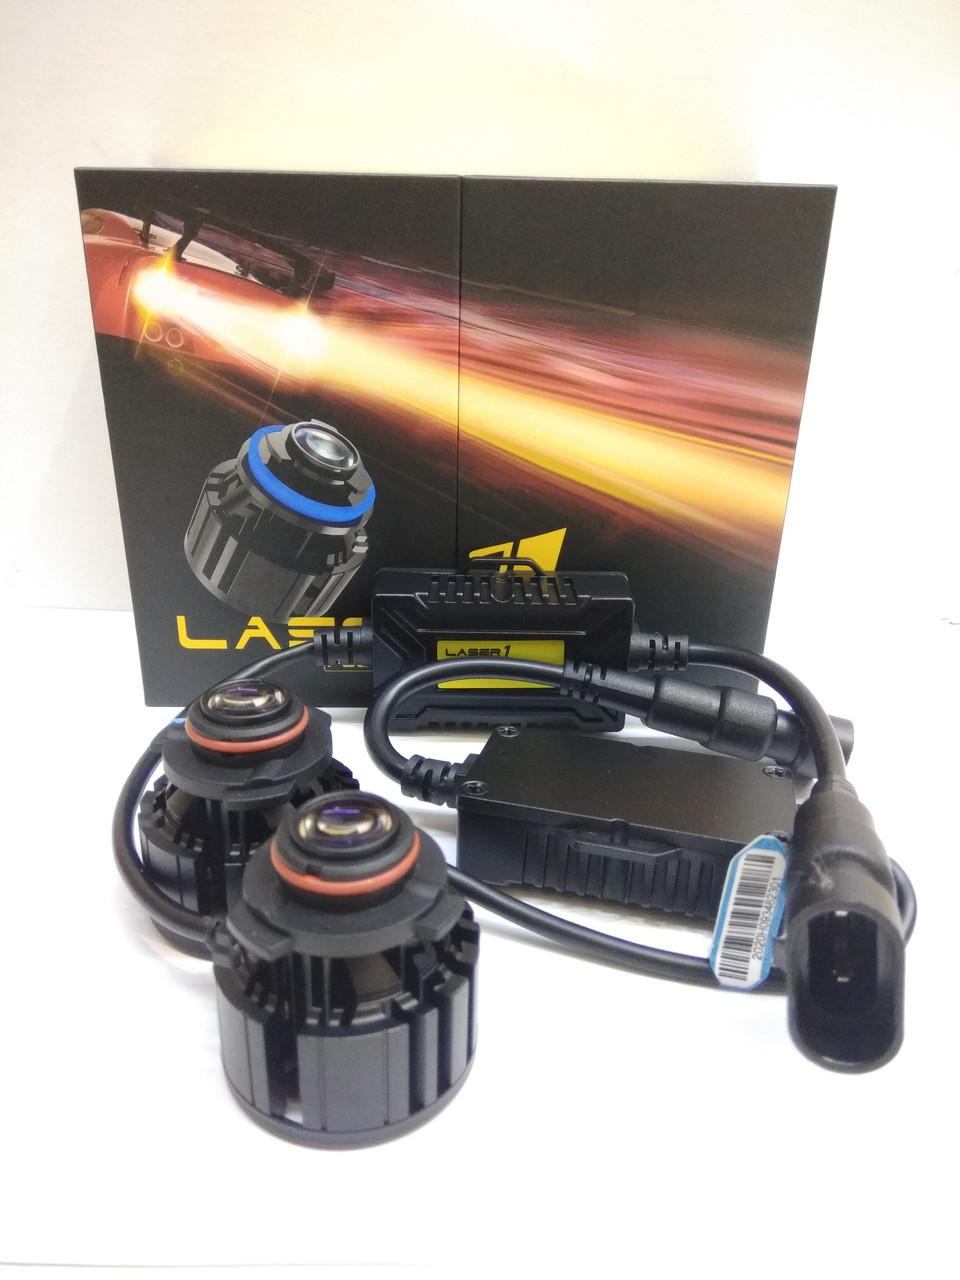 Автолампи лазерні Противотуманки Дальнє світло Laser1 HB3 9005 4800Lux 6000K 12В